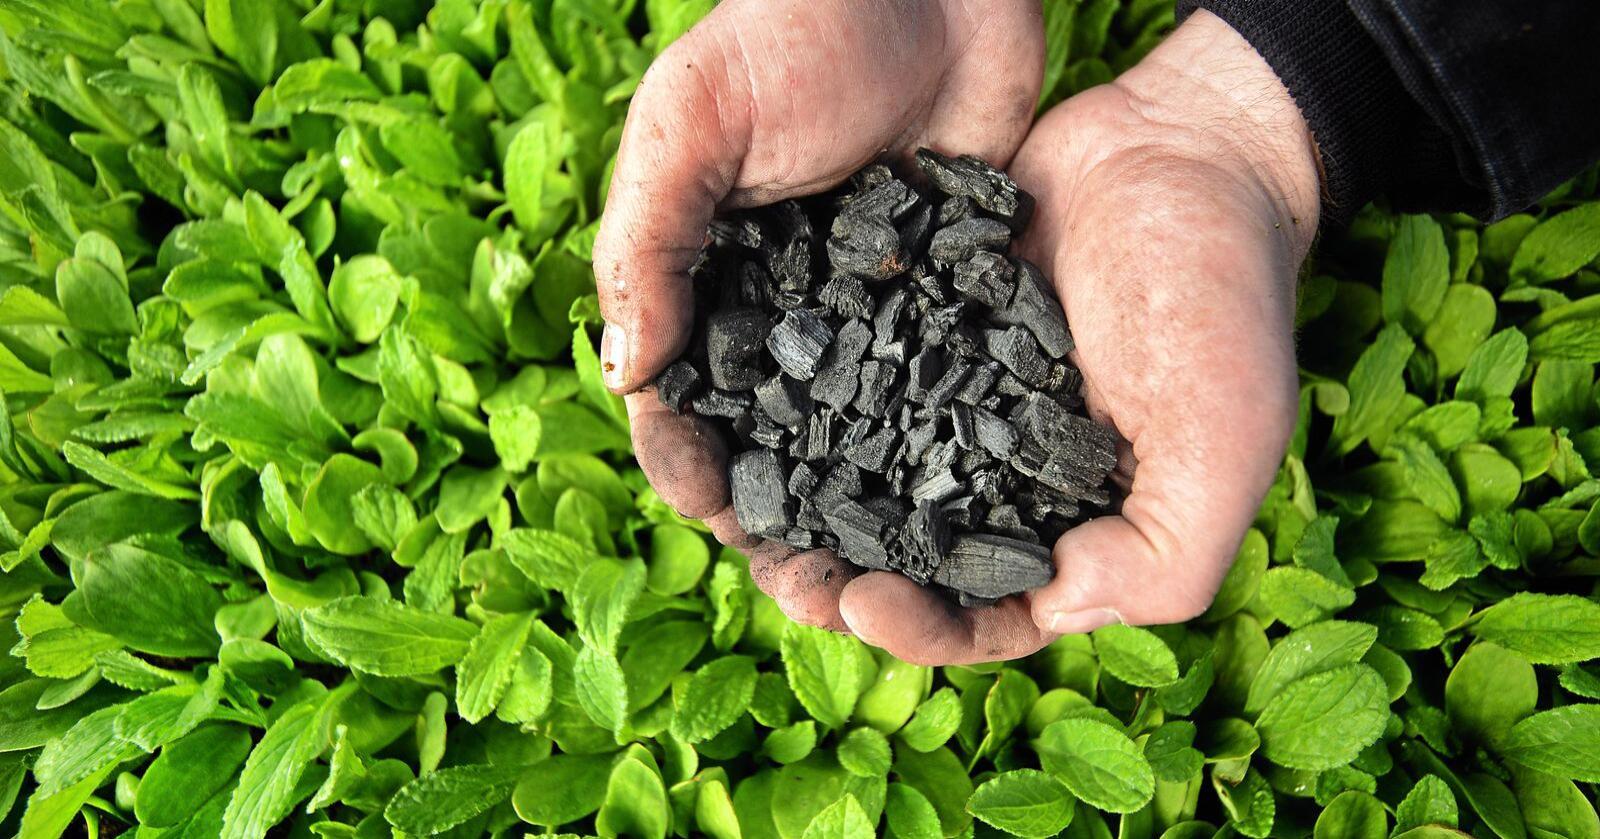 Biokull består av over 90 prosent karbon, og lagrer dermed karbon og gir det en positiv klimaeffekt. Foto: Siri Juell Rasmussen